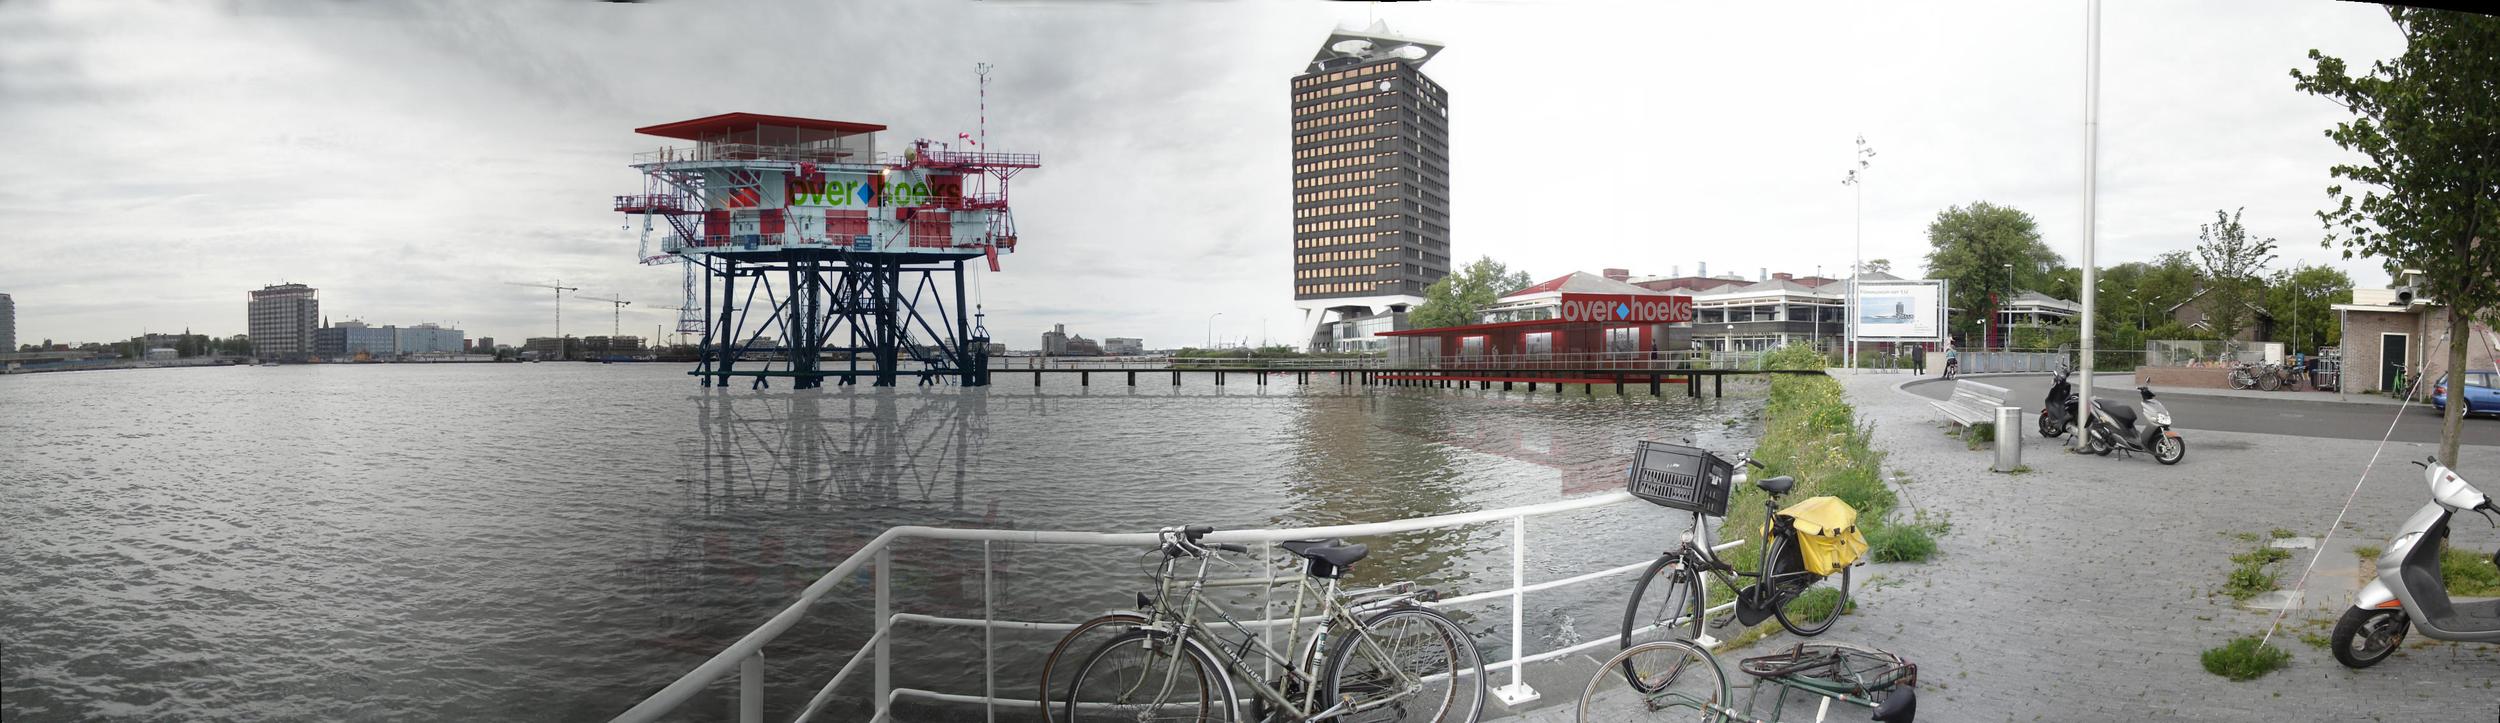 REM-eiland - Amsterdam (2)